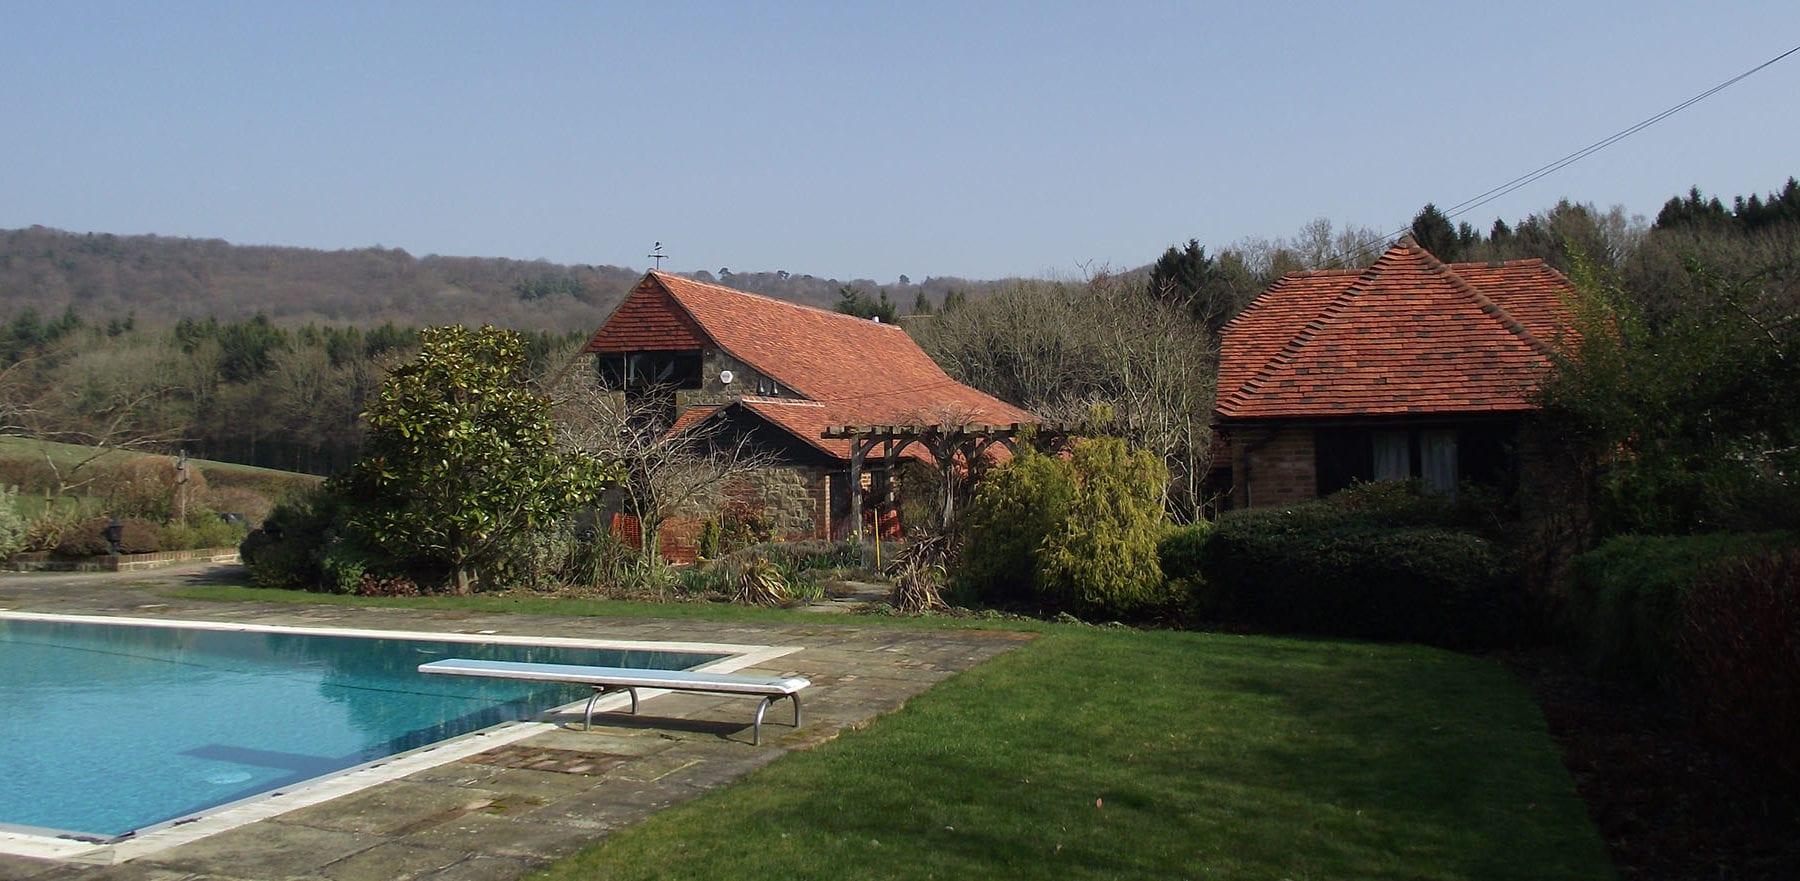 Lifestiles - Handmade Multi Clay Roof Tiles - Fernhurst, England 2